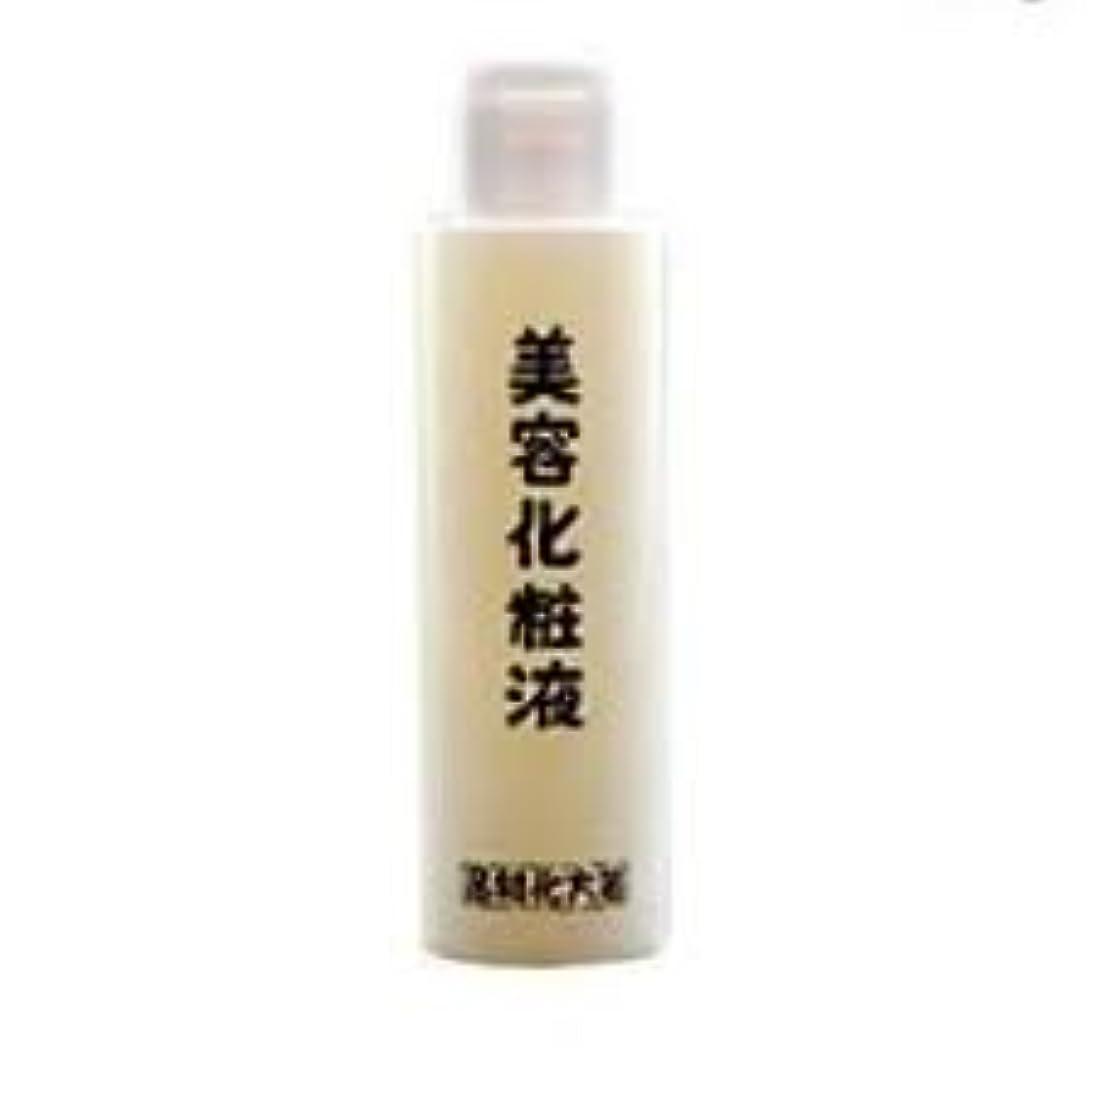 バンケット薄める震える箸方化粧品 美容化粧液 化粧水 120ml はしかた化粧品